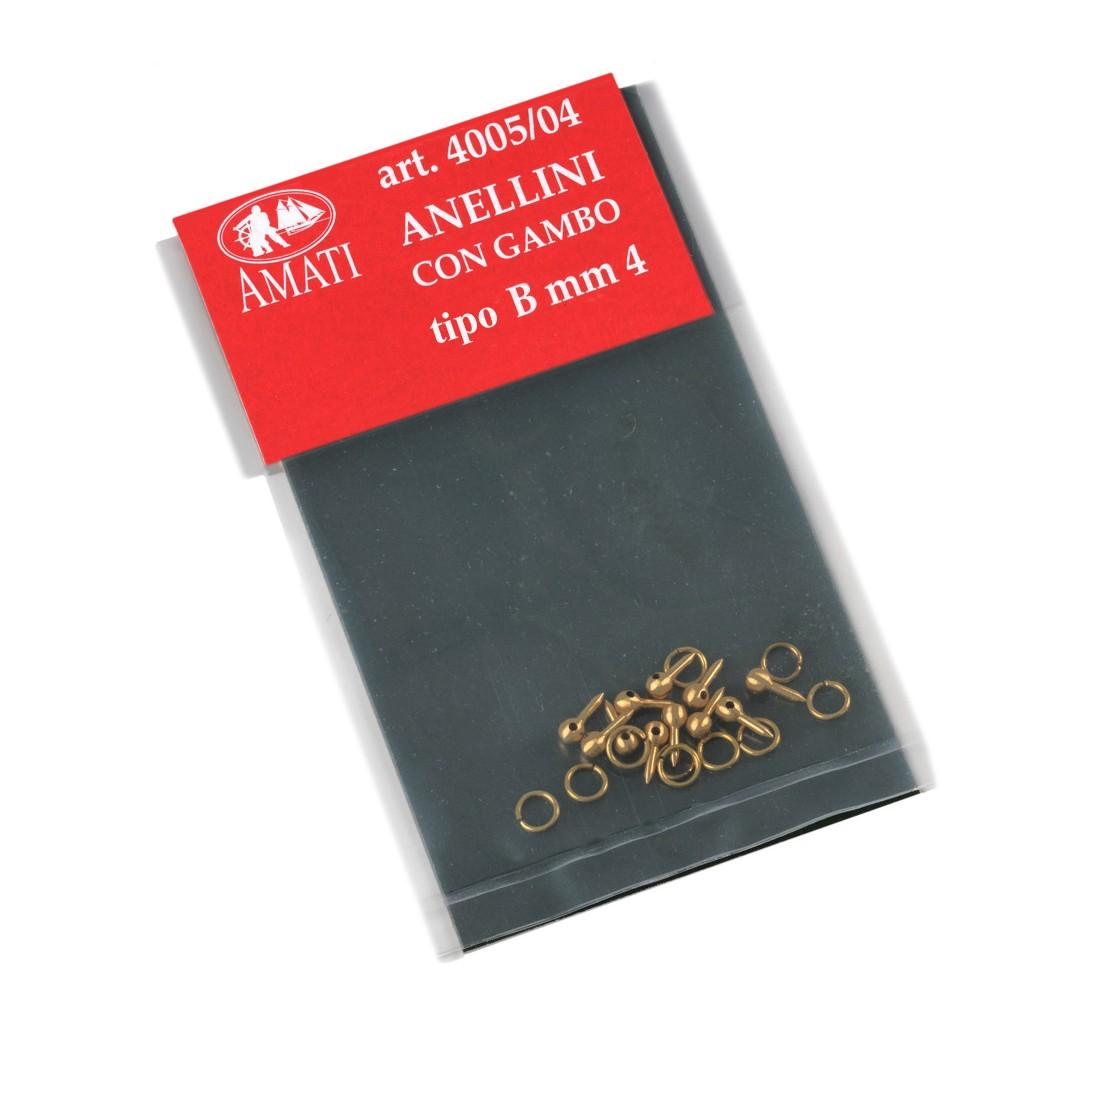 Anellini con gambo ottone tipo B Ø mm. 4